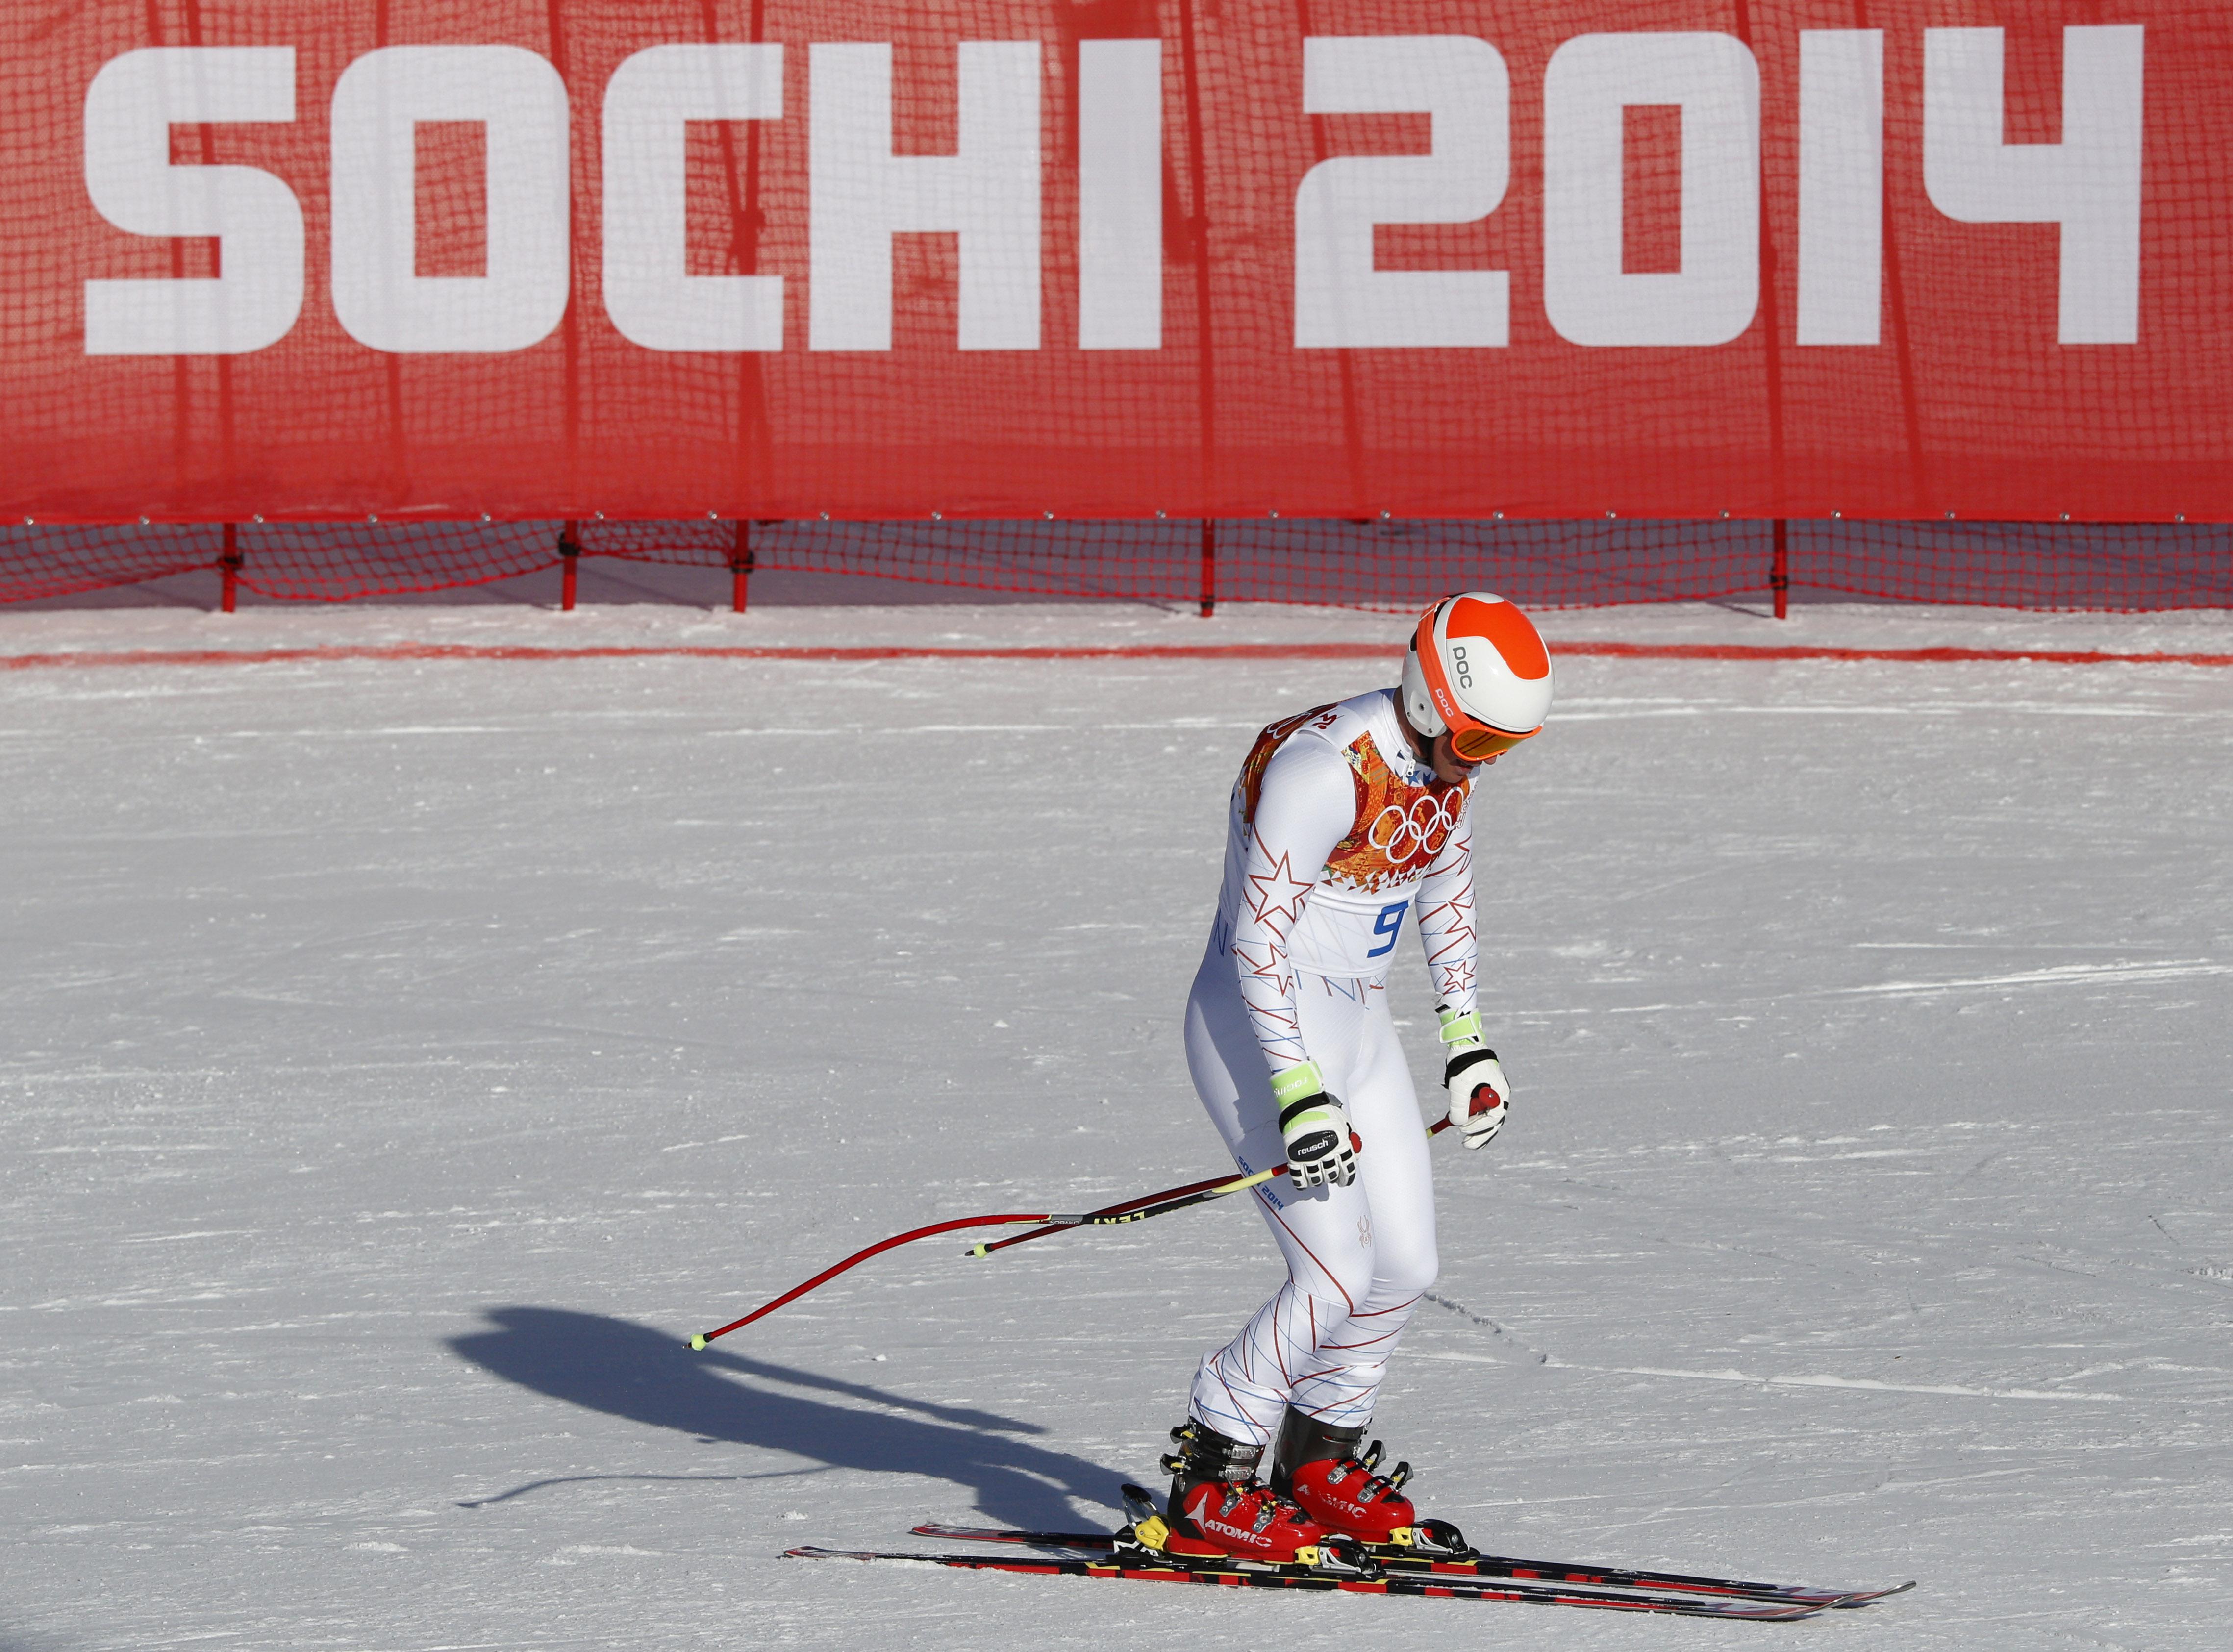 Олимпиада в Сочи к середине века стала бы фантастикой